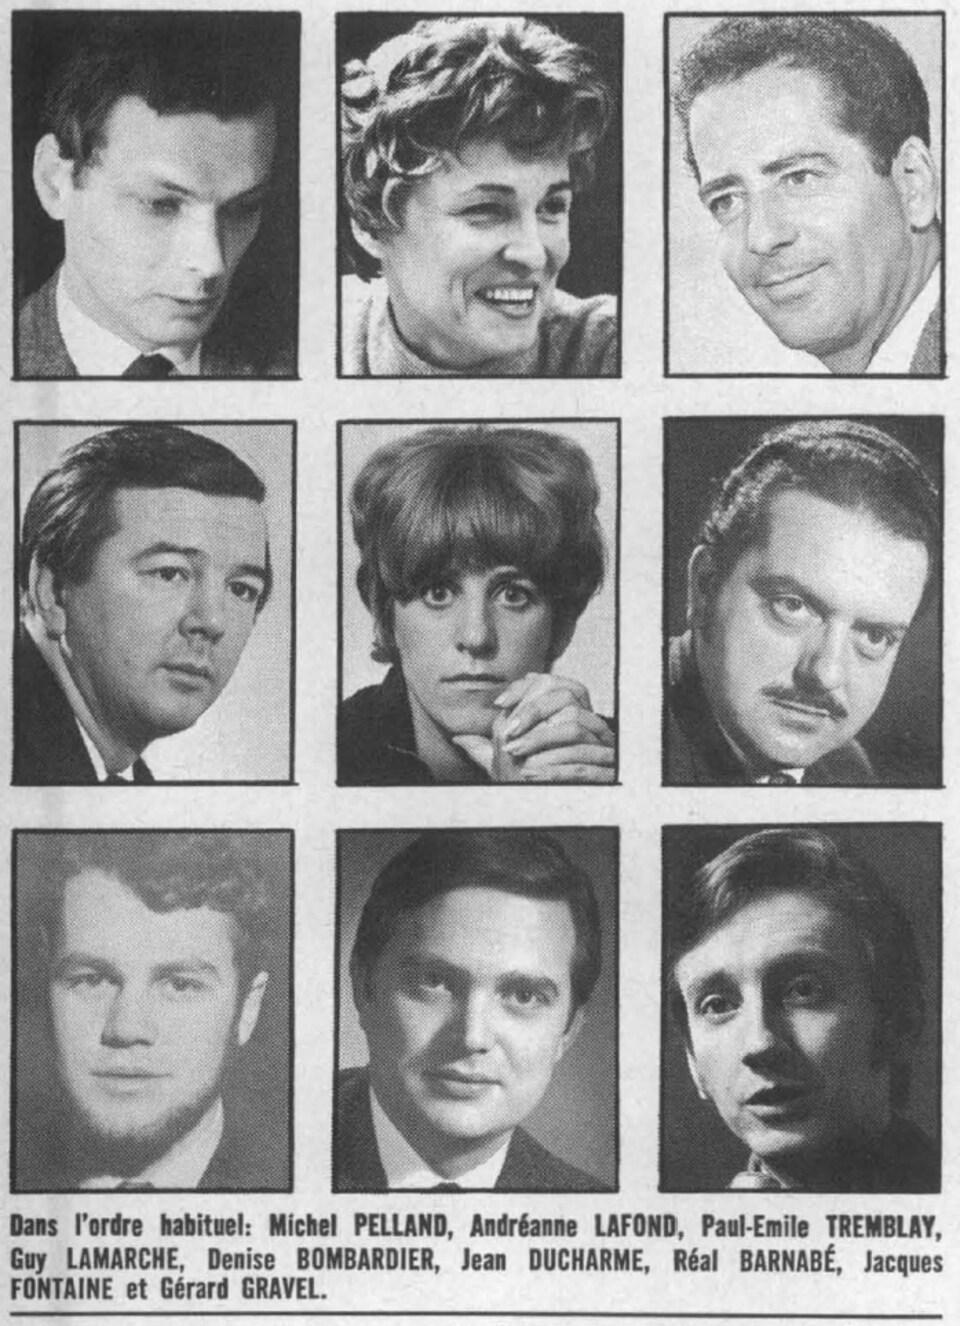 Coupure du guide horaire Ici Radio-Canada avec un collage des photos des 9 journalistes des émissions Format 30 et Format 60.